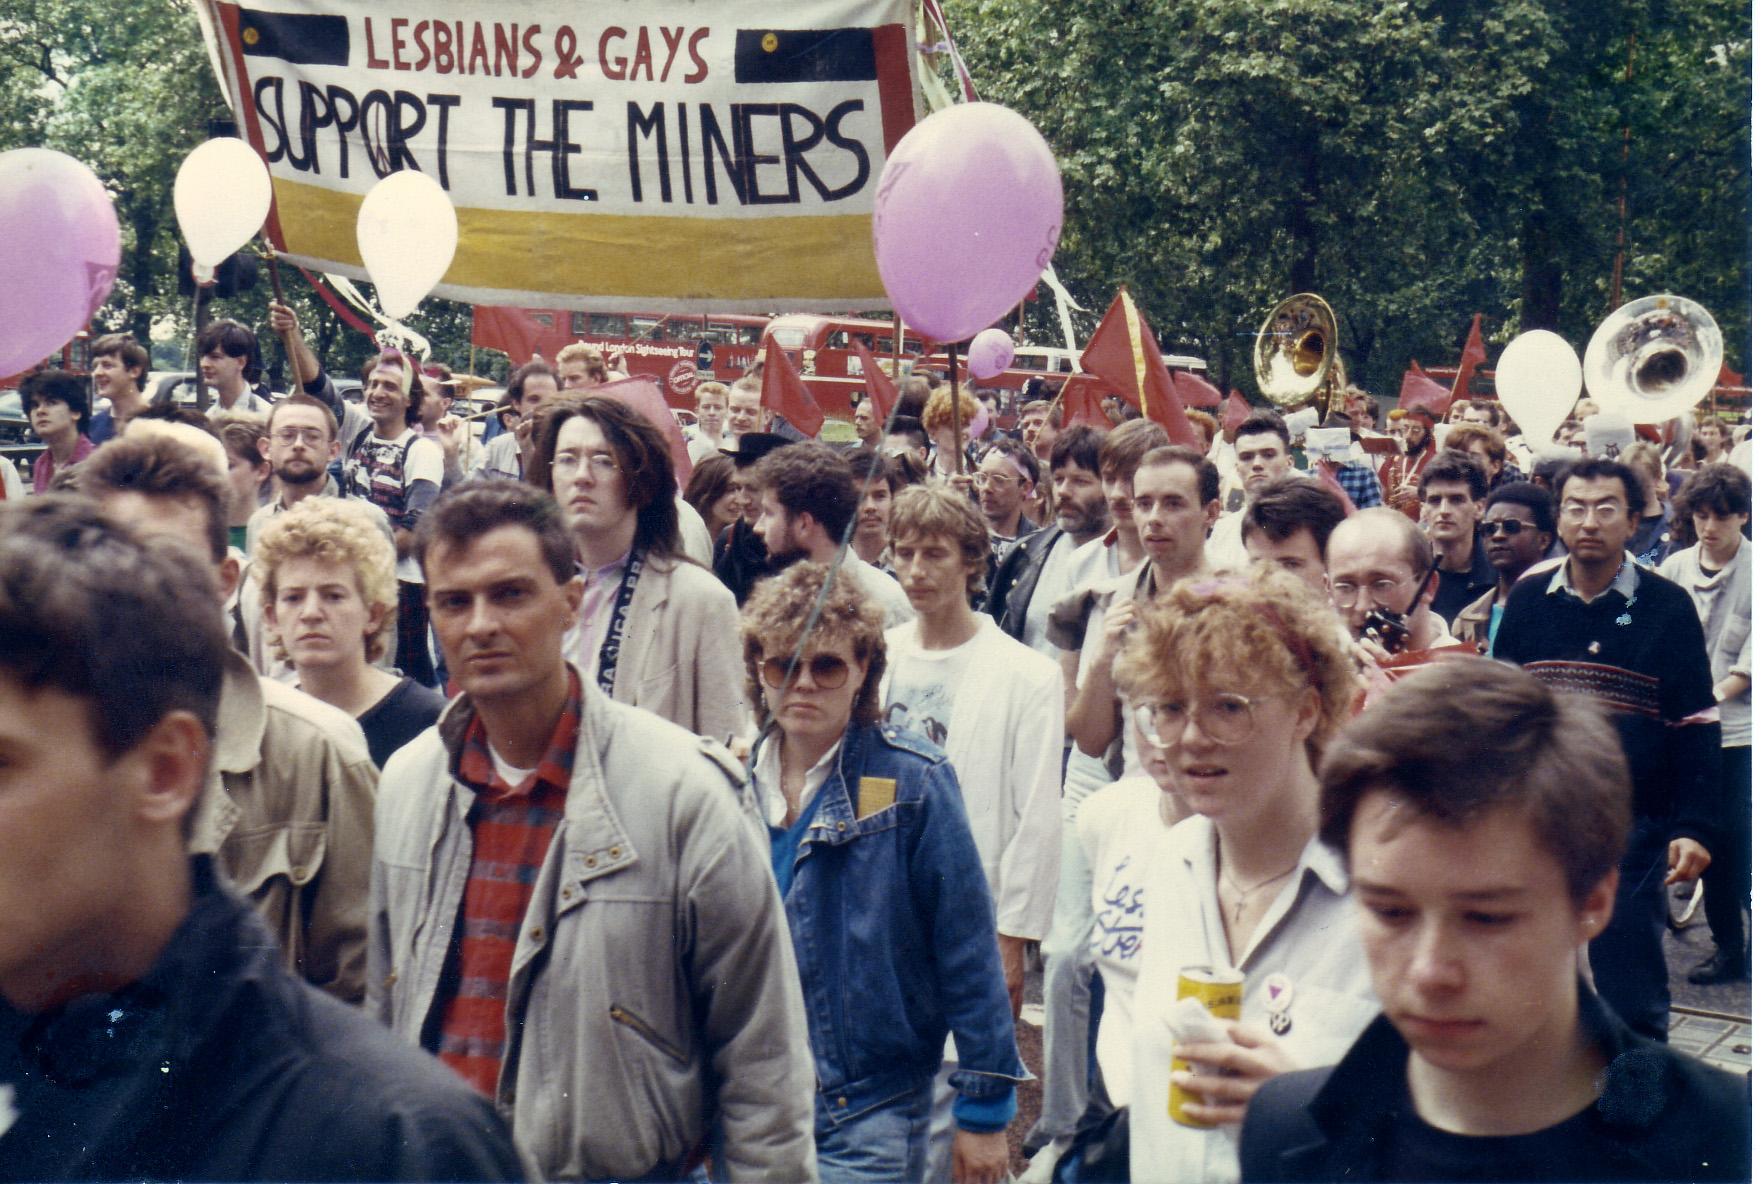 1985 lgsm-banner-pride